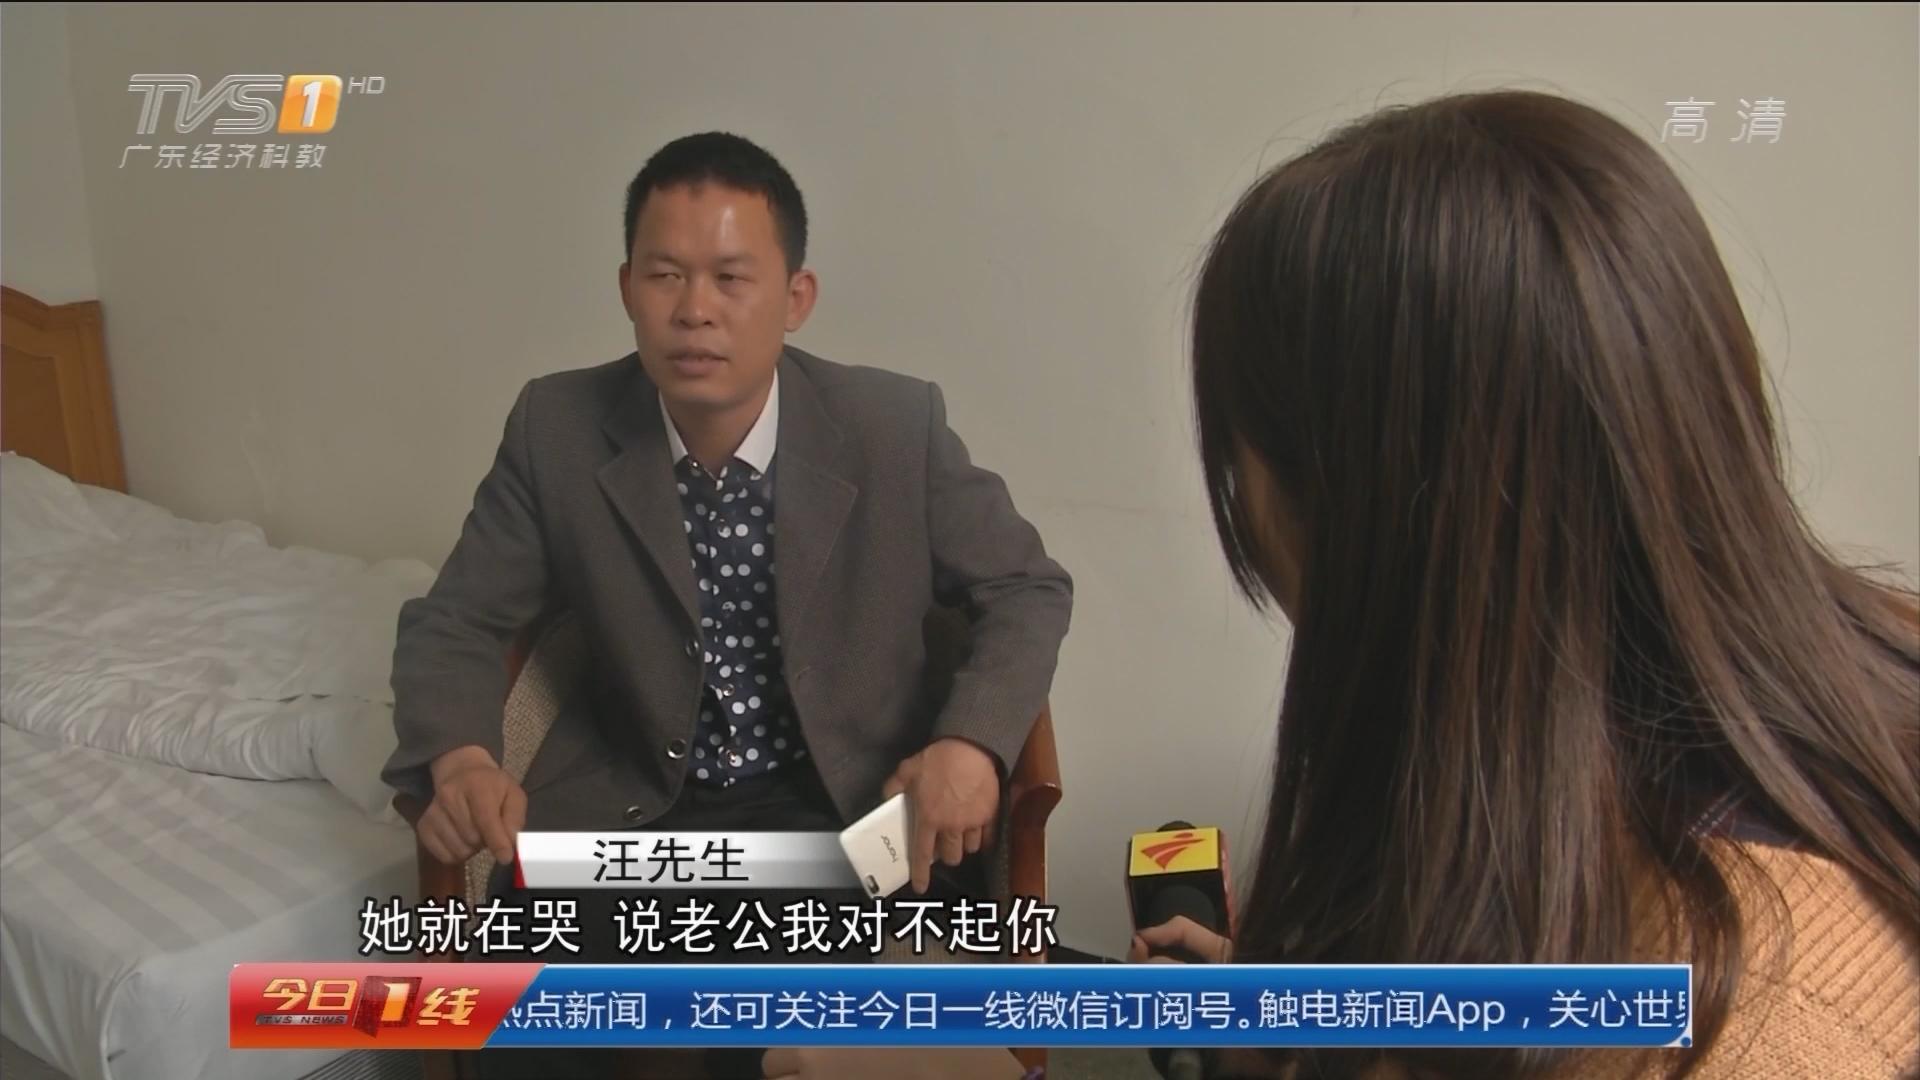 广州:盲妻突然离家 怕出意外盲夫苦寻